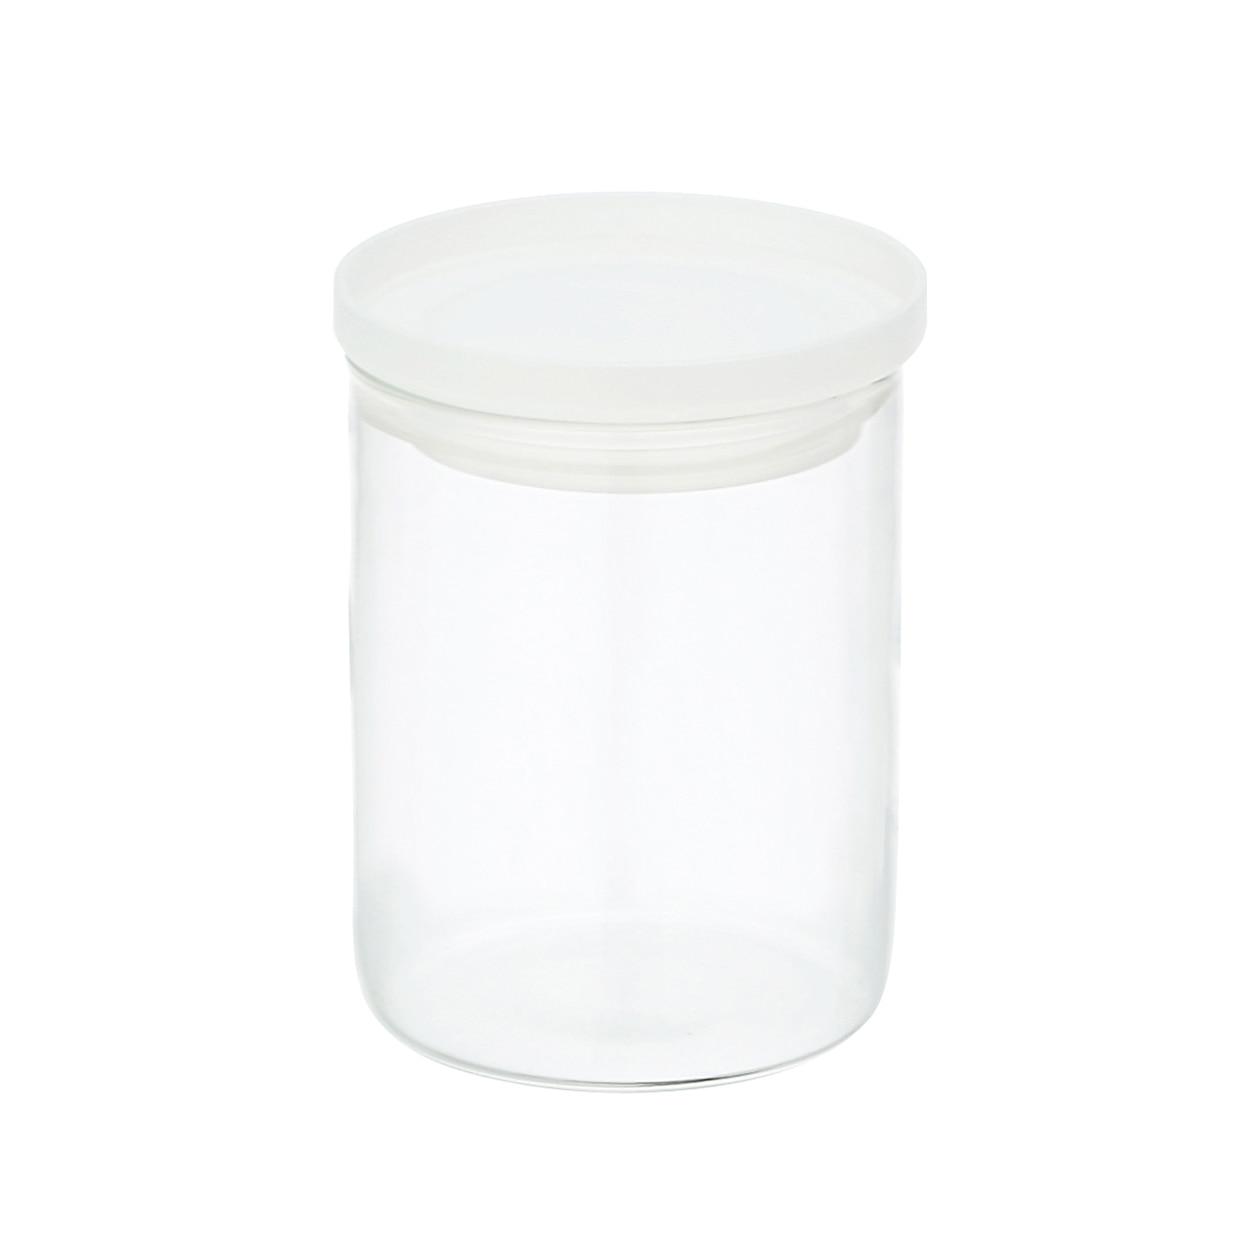 耐熱ガラス丸型保存容器 2